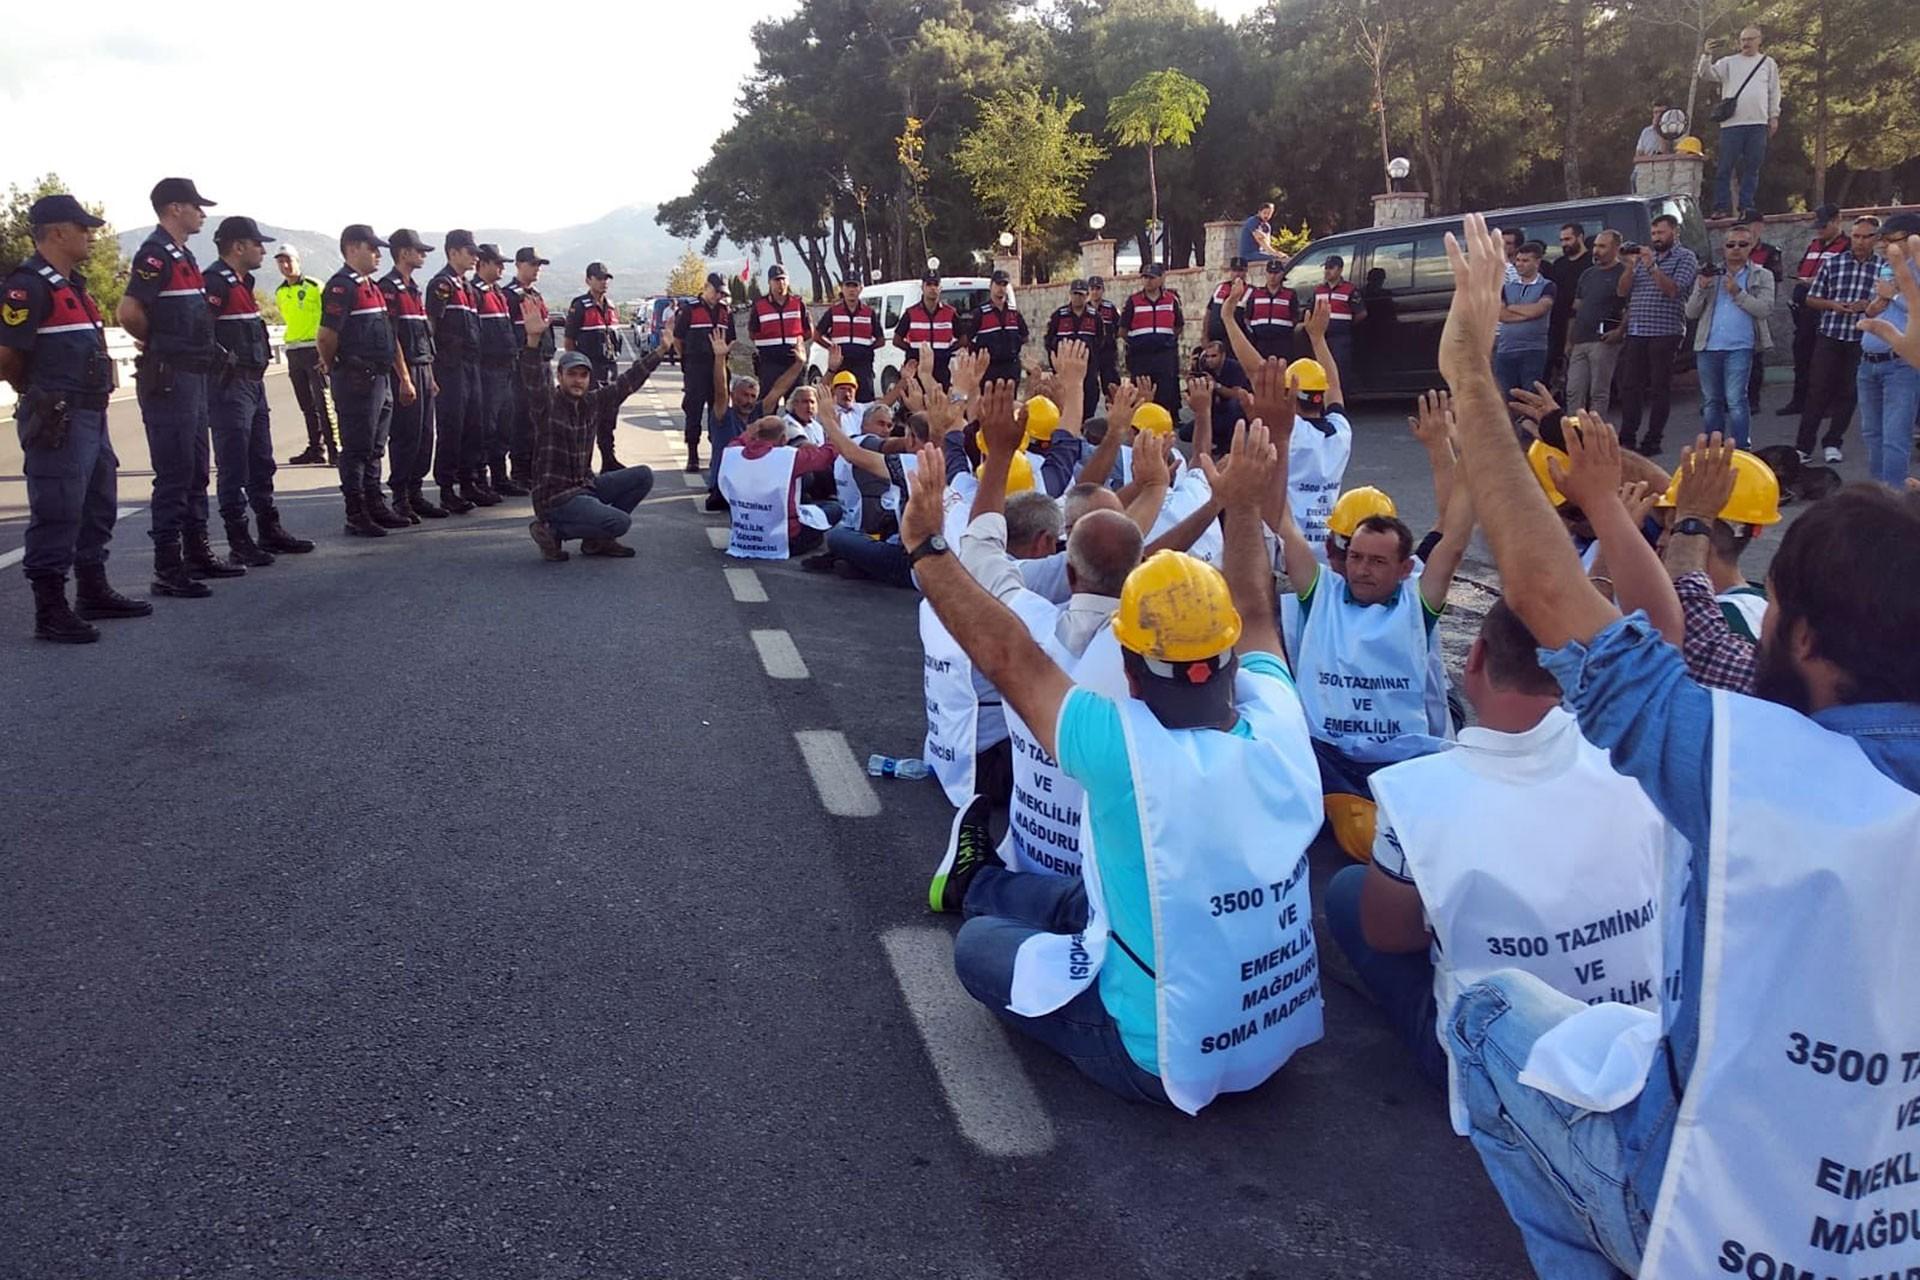 Eylemdeki 2 bin 200 maden işçinin talebi kabul edildi, 700 işçi somut çözüm bekliyor